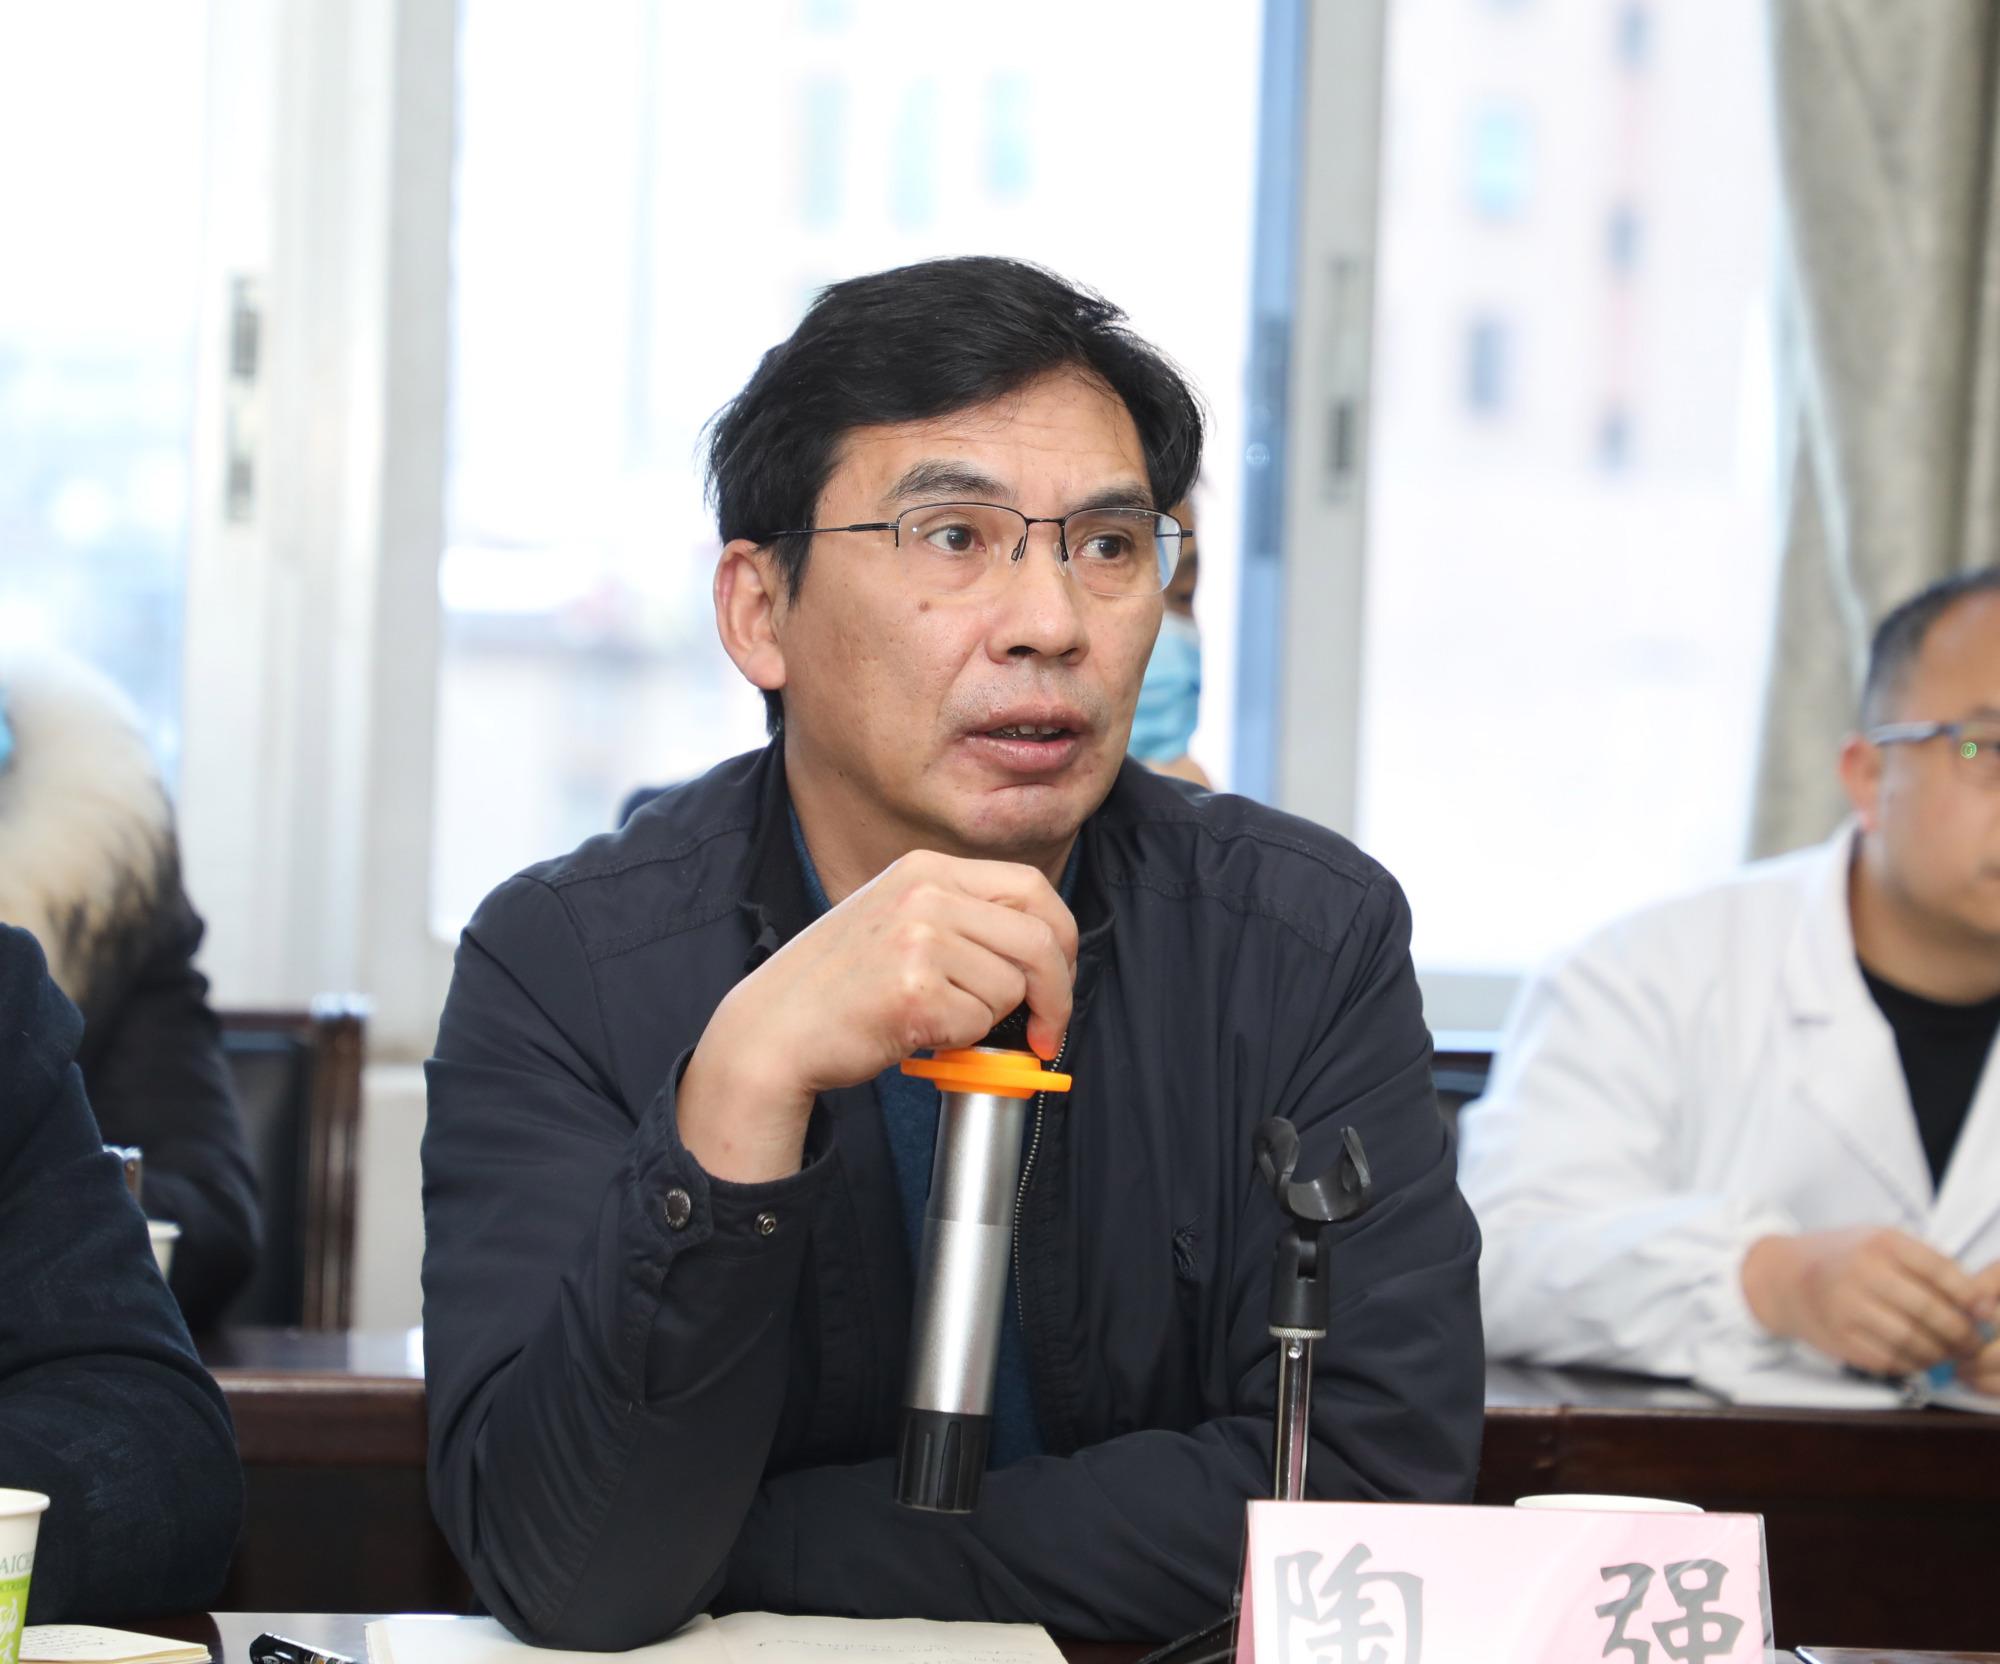 为进一步加强医院管理,江西省儿童医院开展院长行政查房